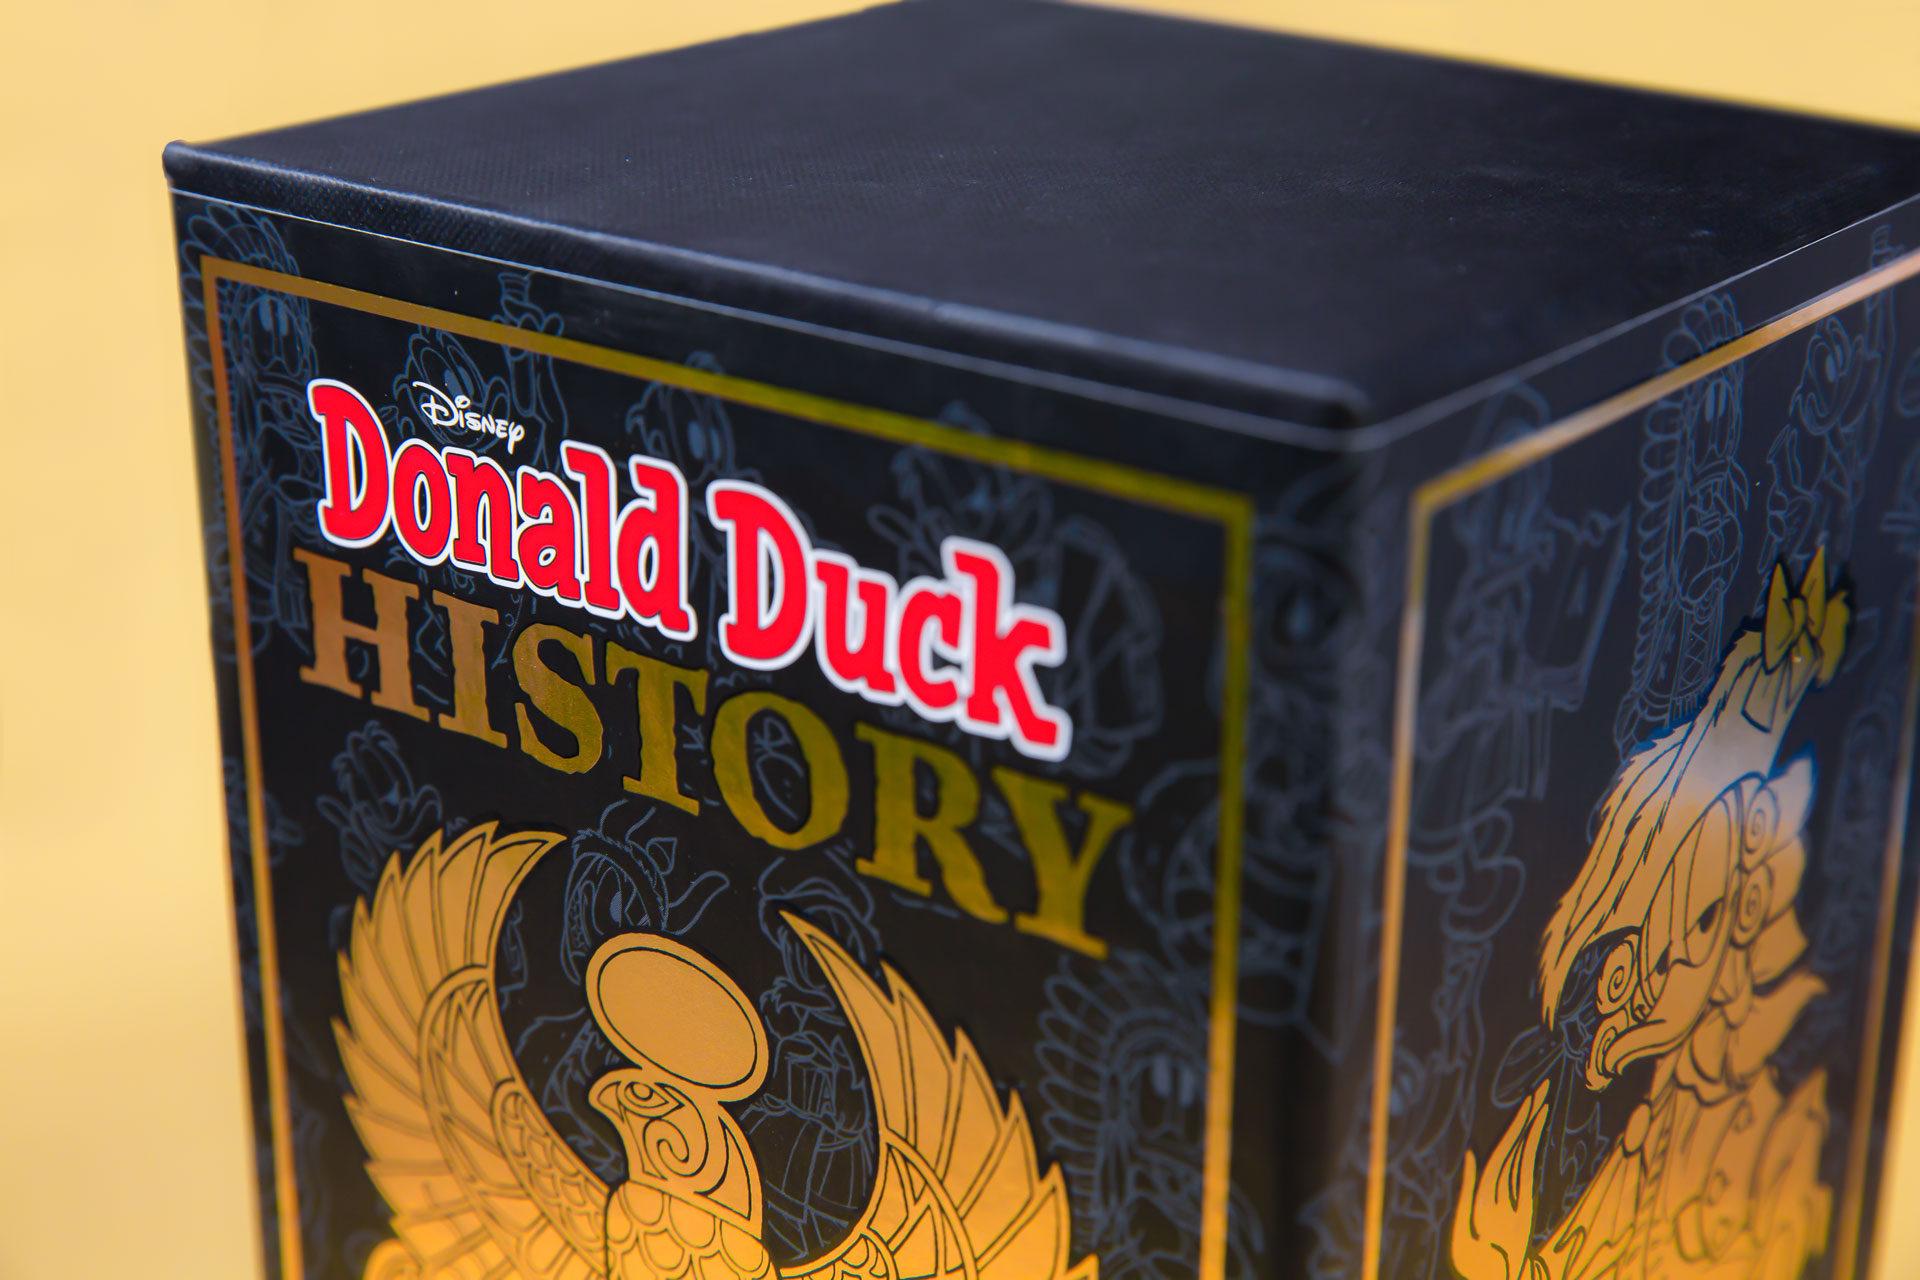 Cassette Donald Duck